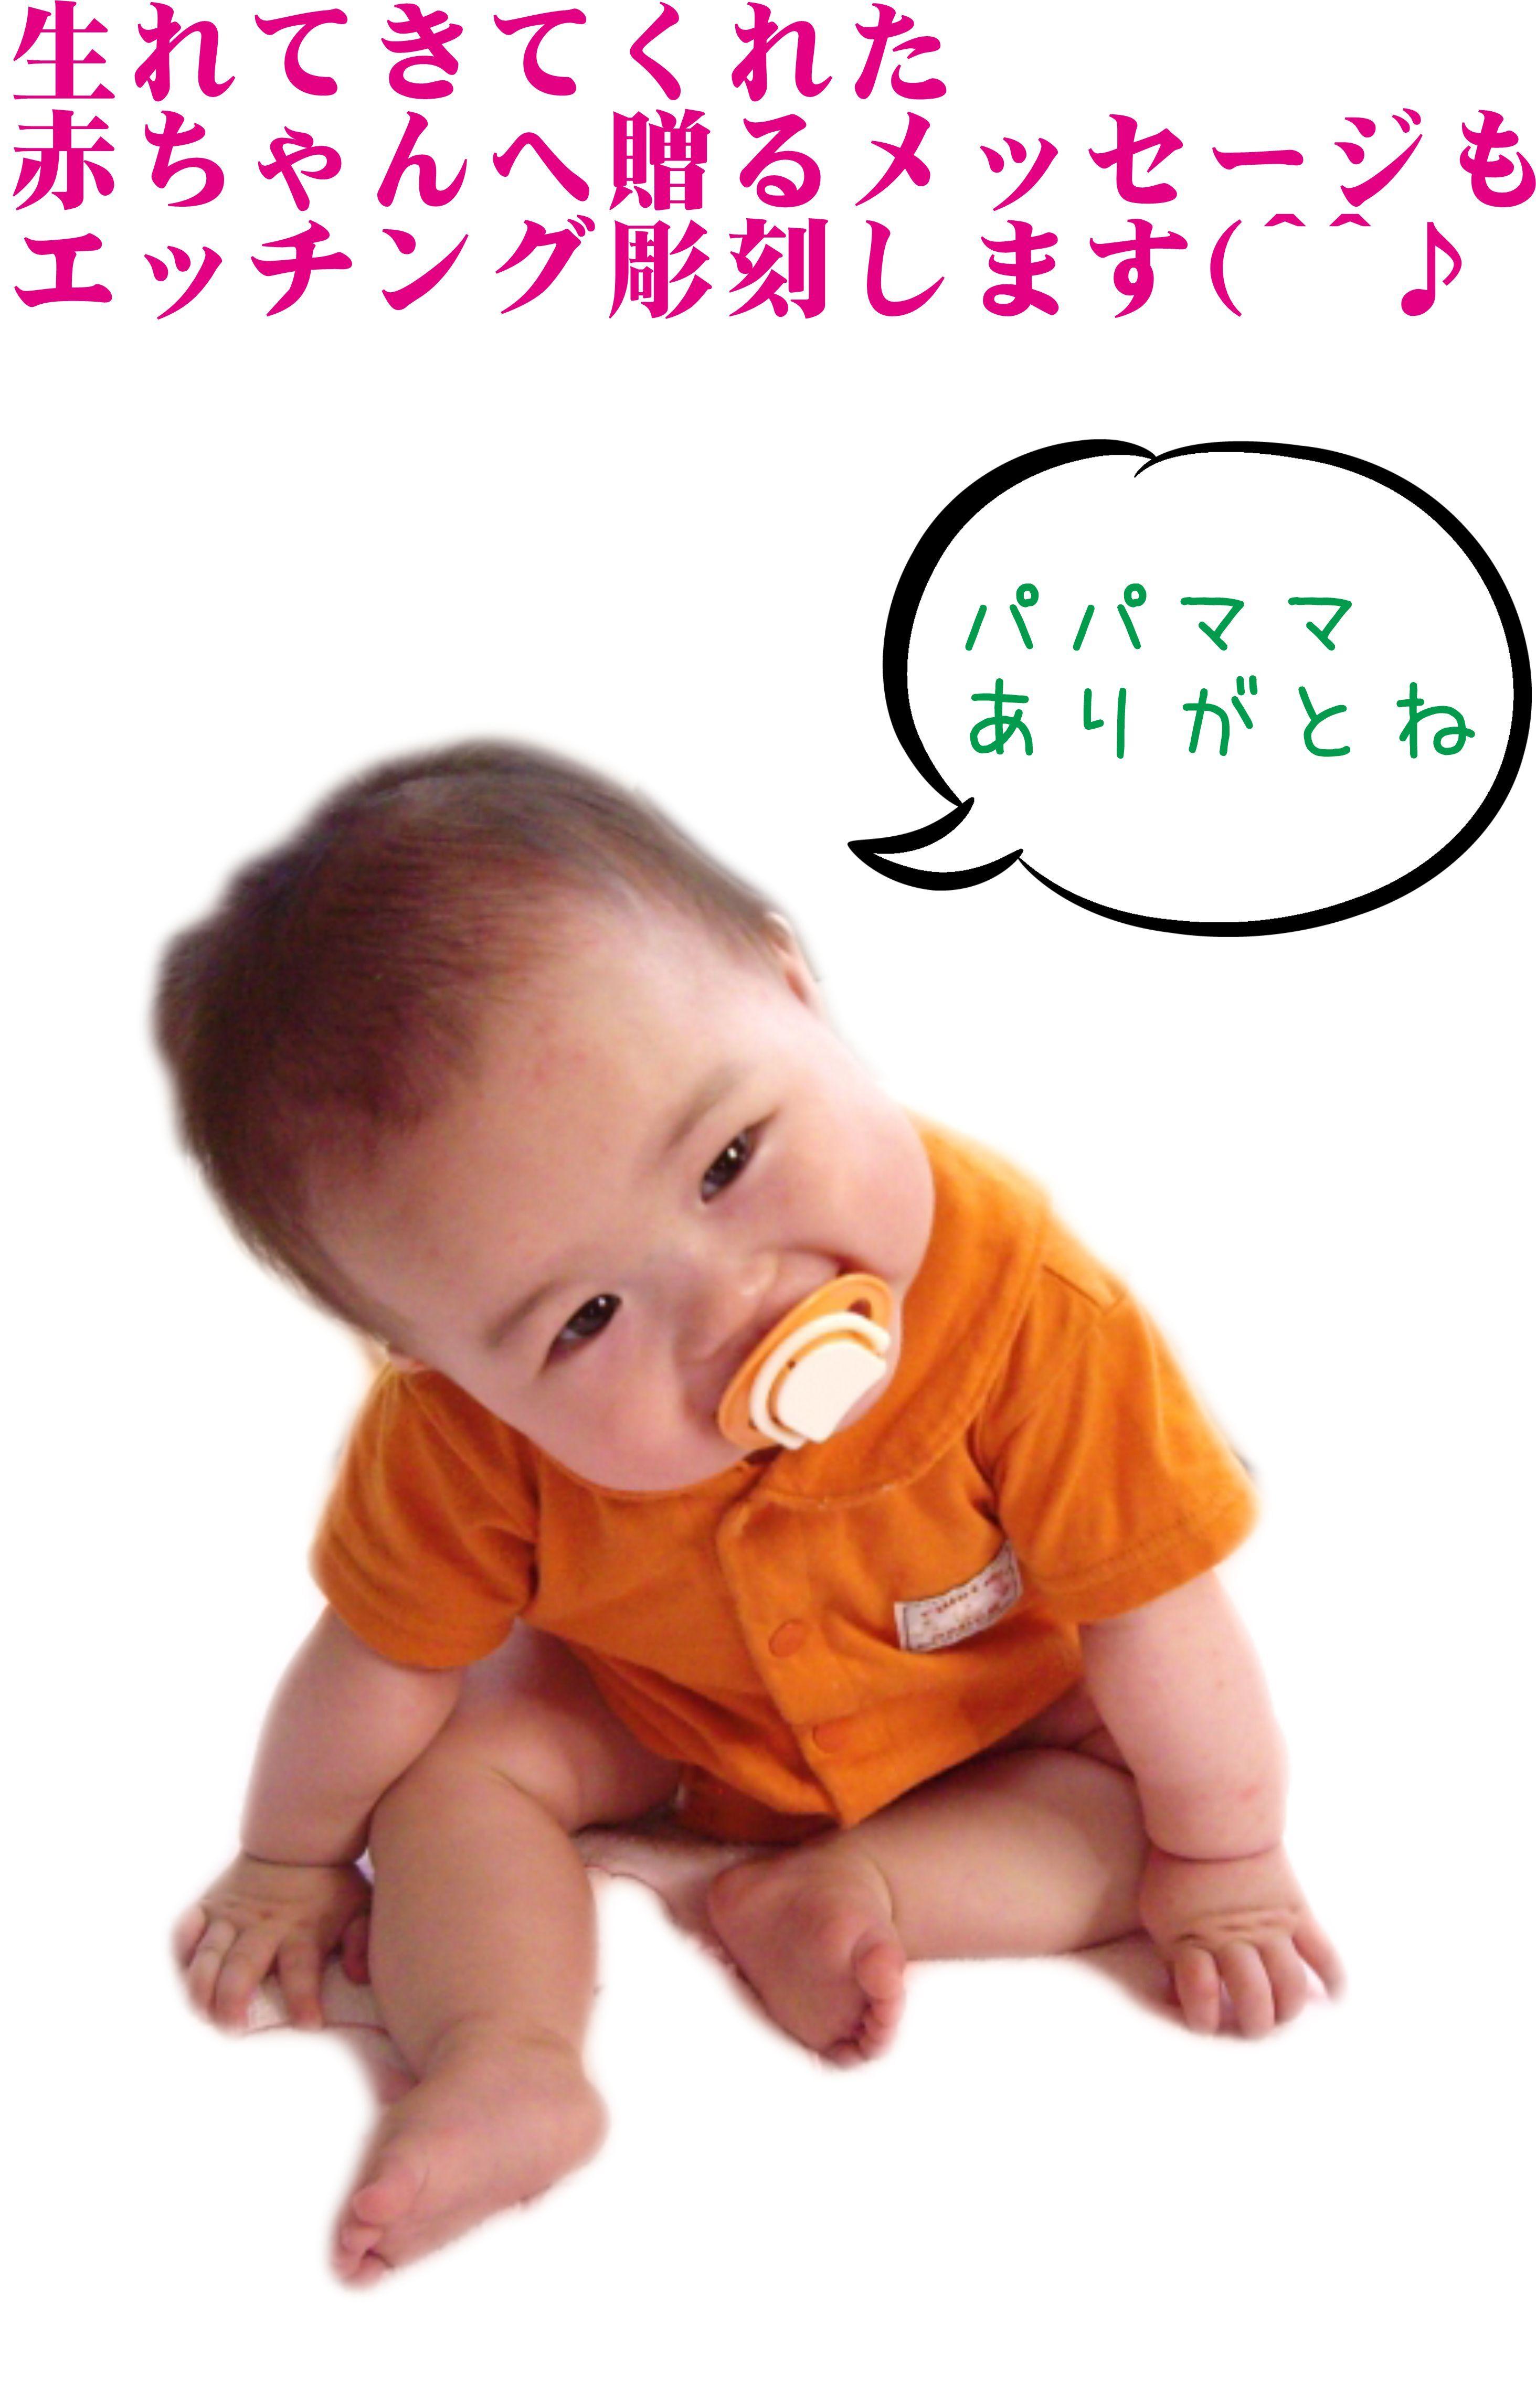 赤ちゃん 手形  ガラス フォトフレーム 誕生月 スワロフスキー ラインストーン 誕生日 出産祝い 送料無料